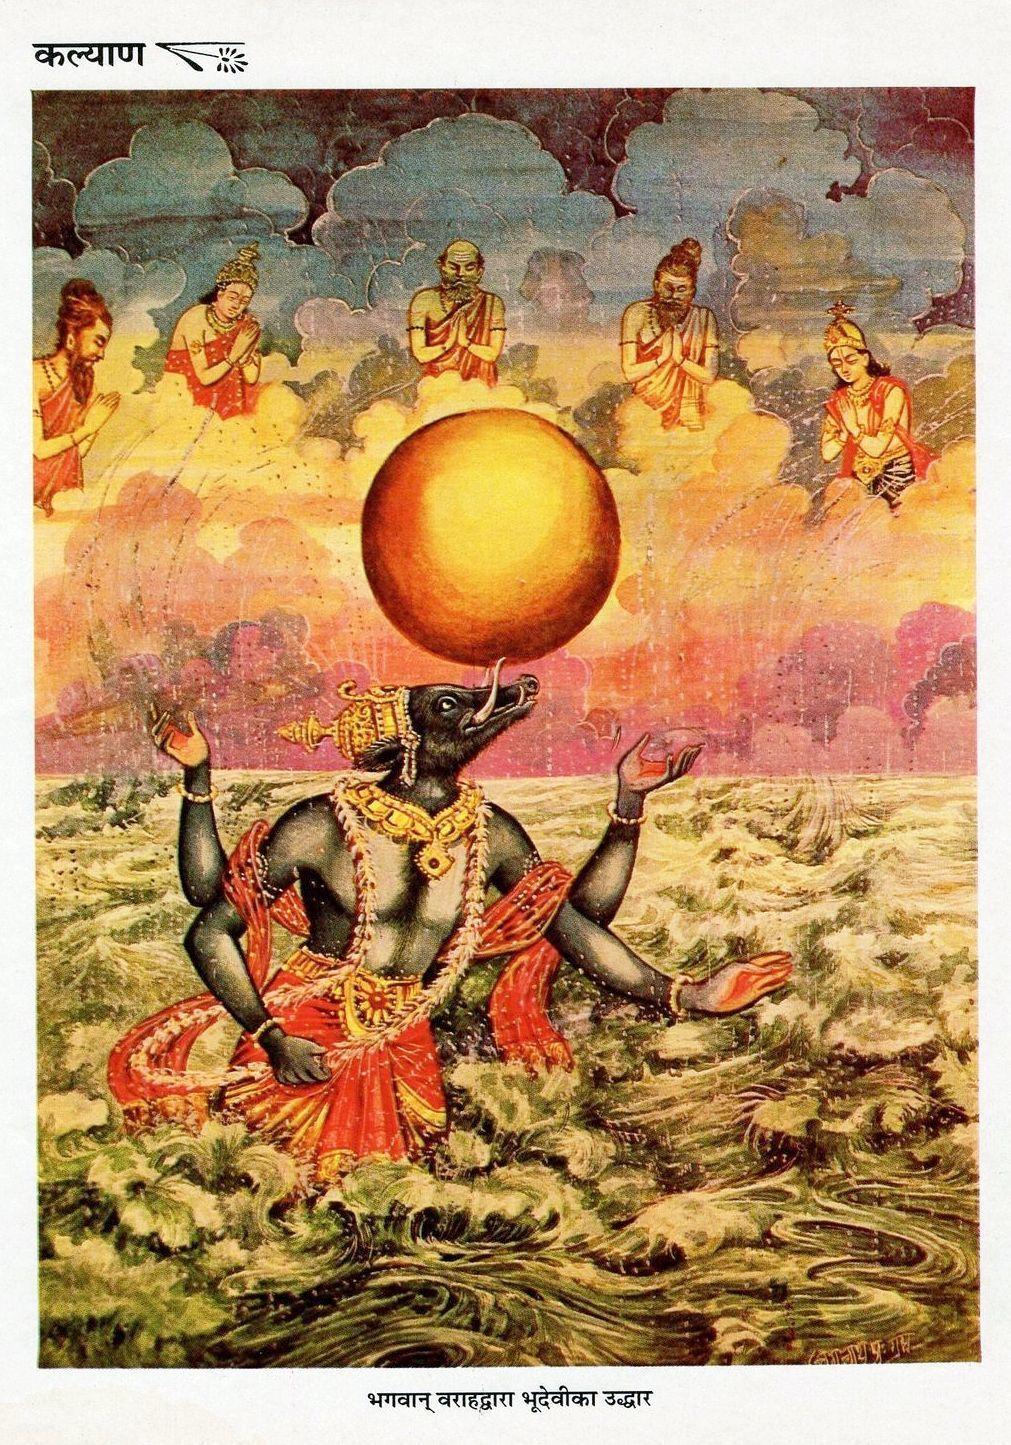 Vishnu Varaha Avatar Hindu Print Kalyan Hindi Magazine Gita Press Gorakhpur Via Ebay